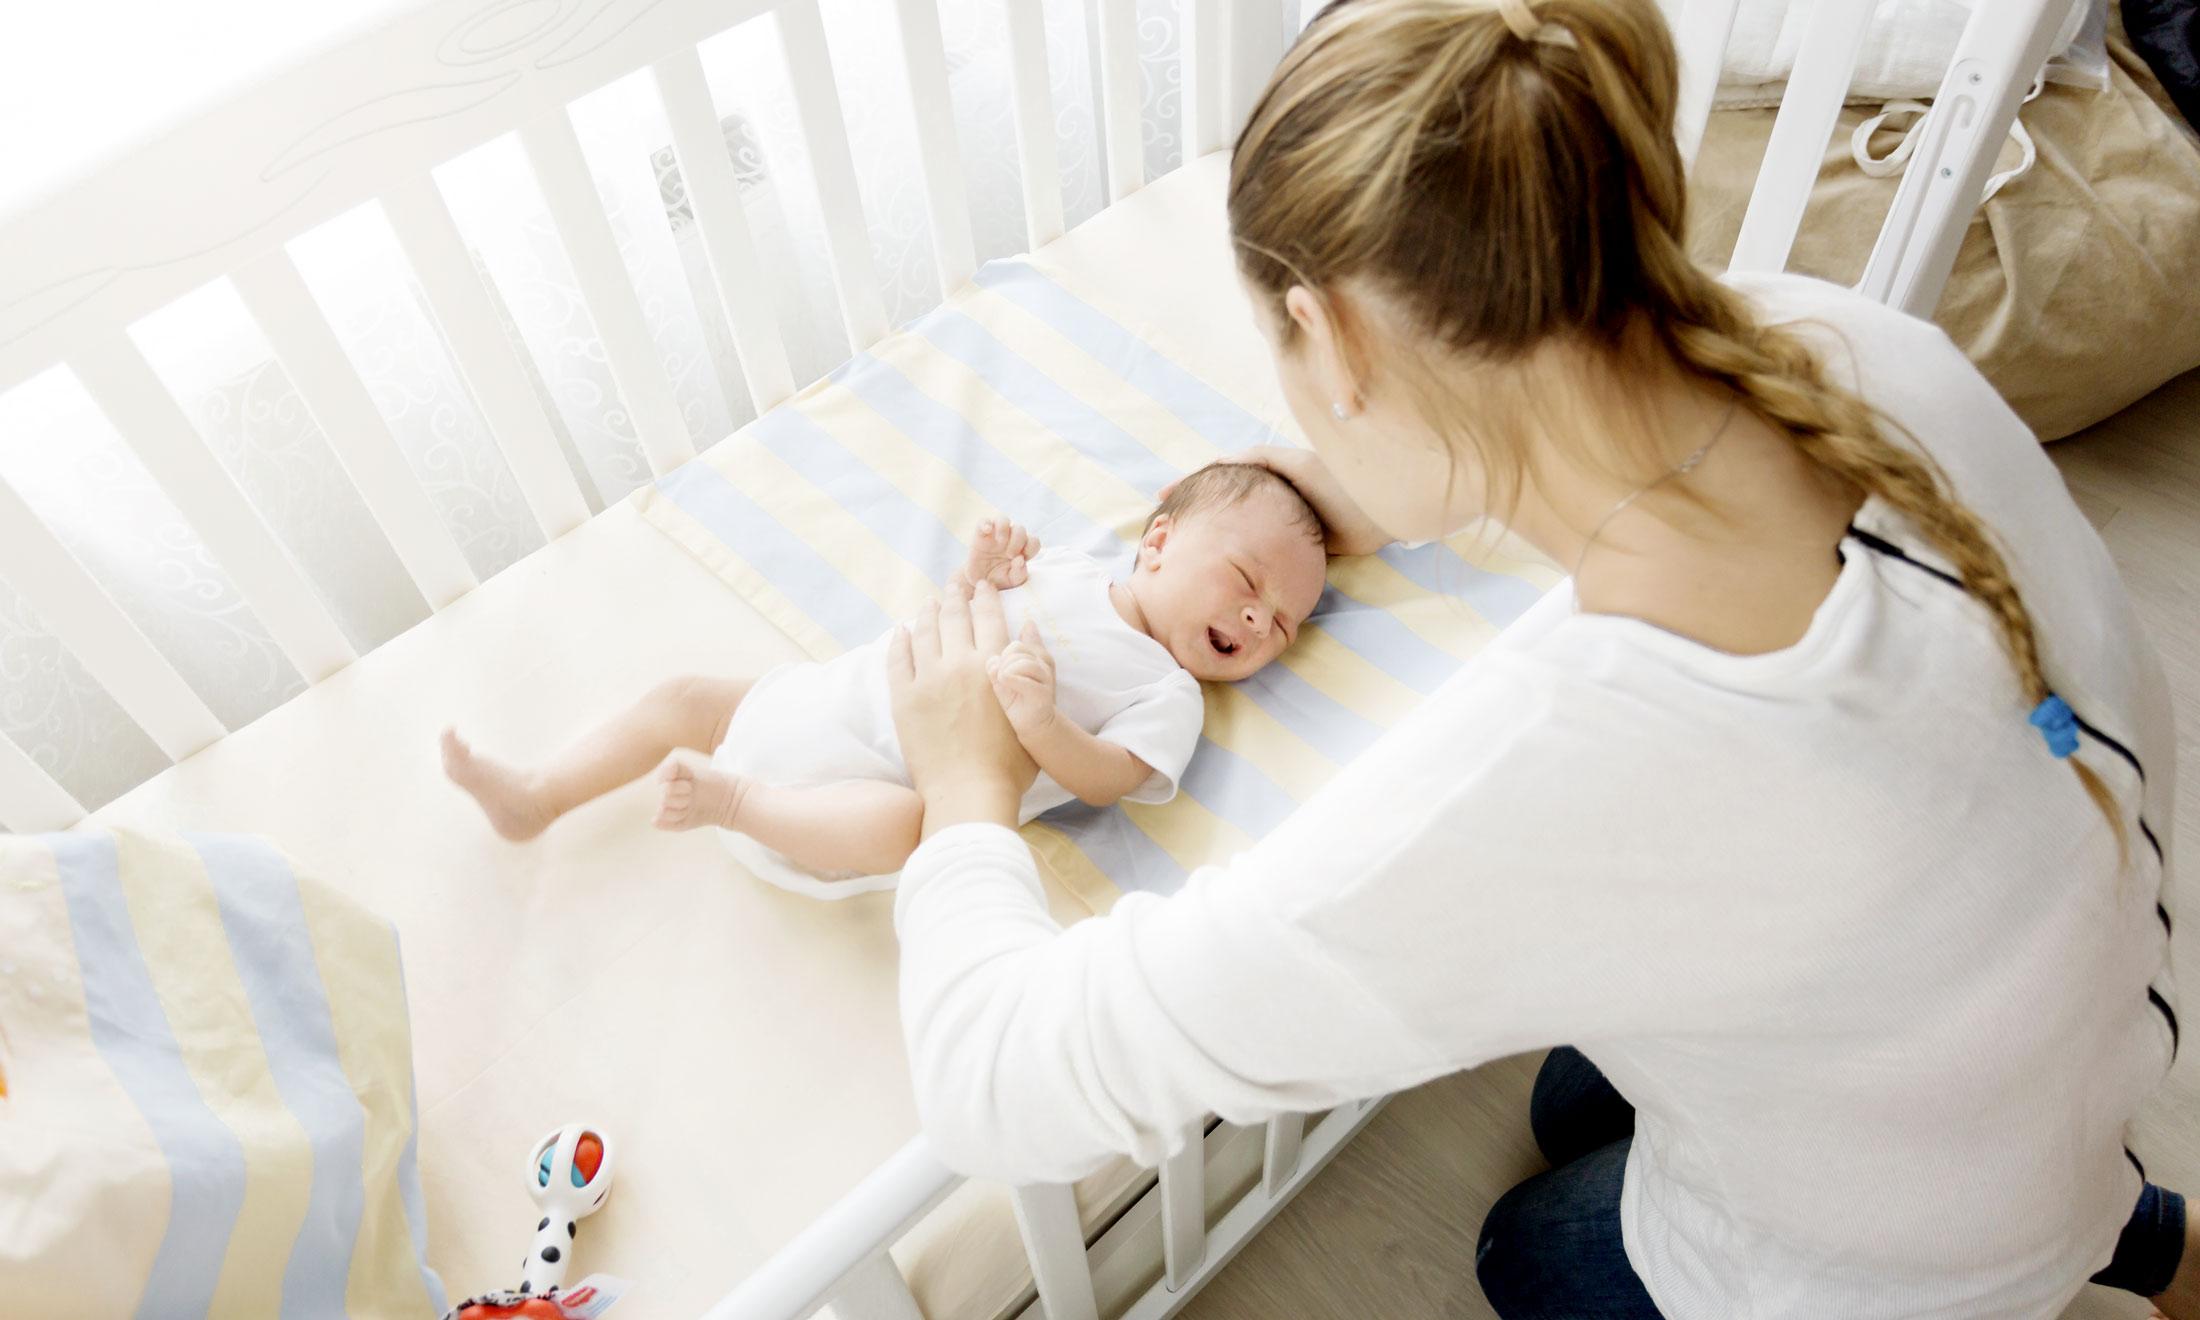 Применяя «метод стула» мама успокаивает дитя в кроватке прикосновениями и голосом